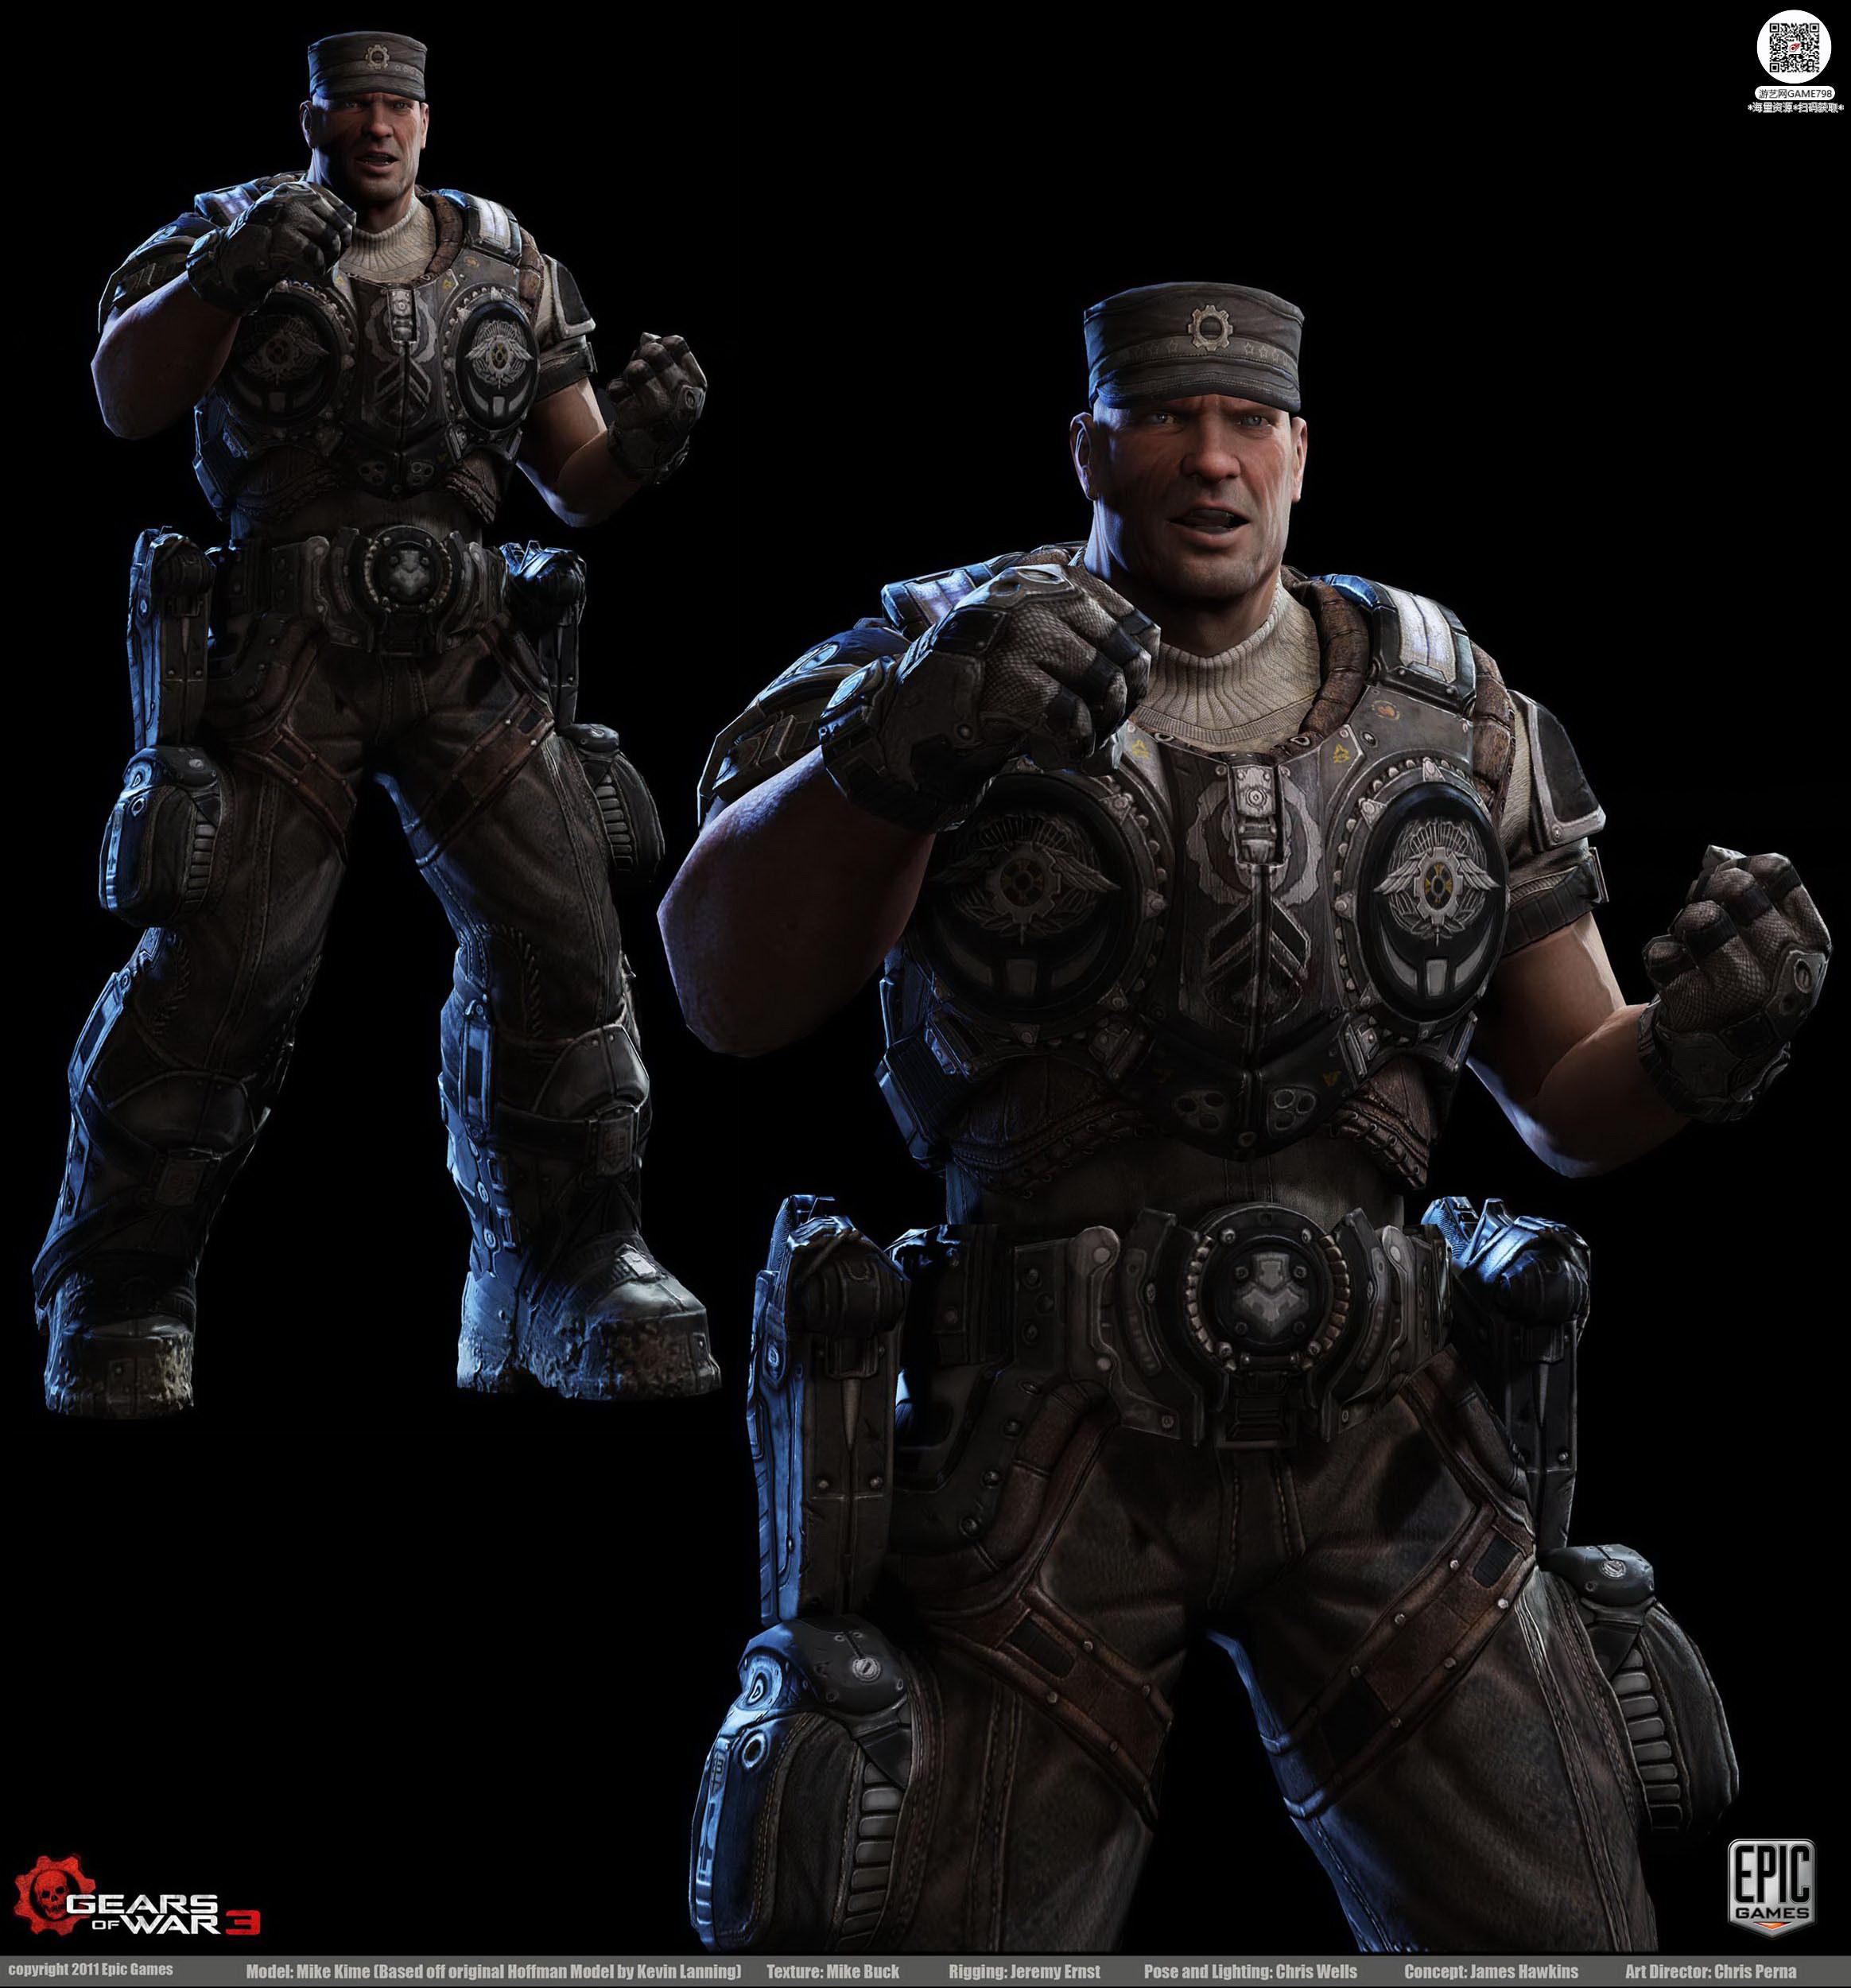 083_关注-游艺网GAME798海量资源下载【战争机器3|3D角色】经典角色设定.jpg